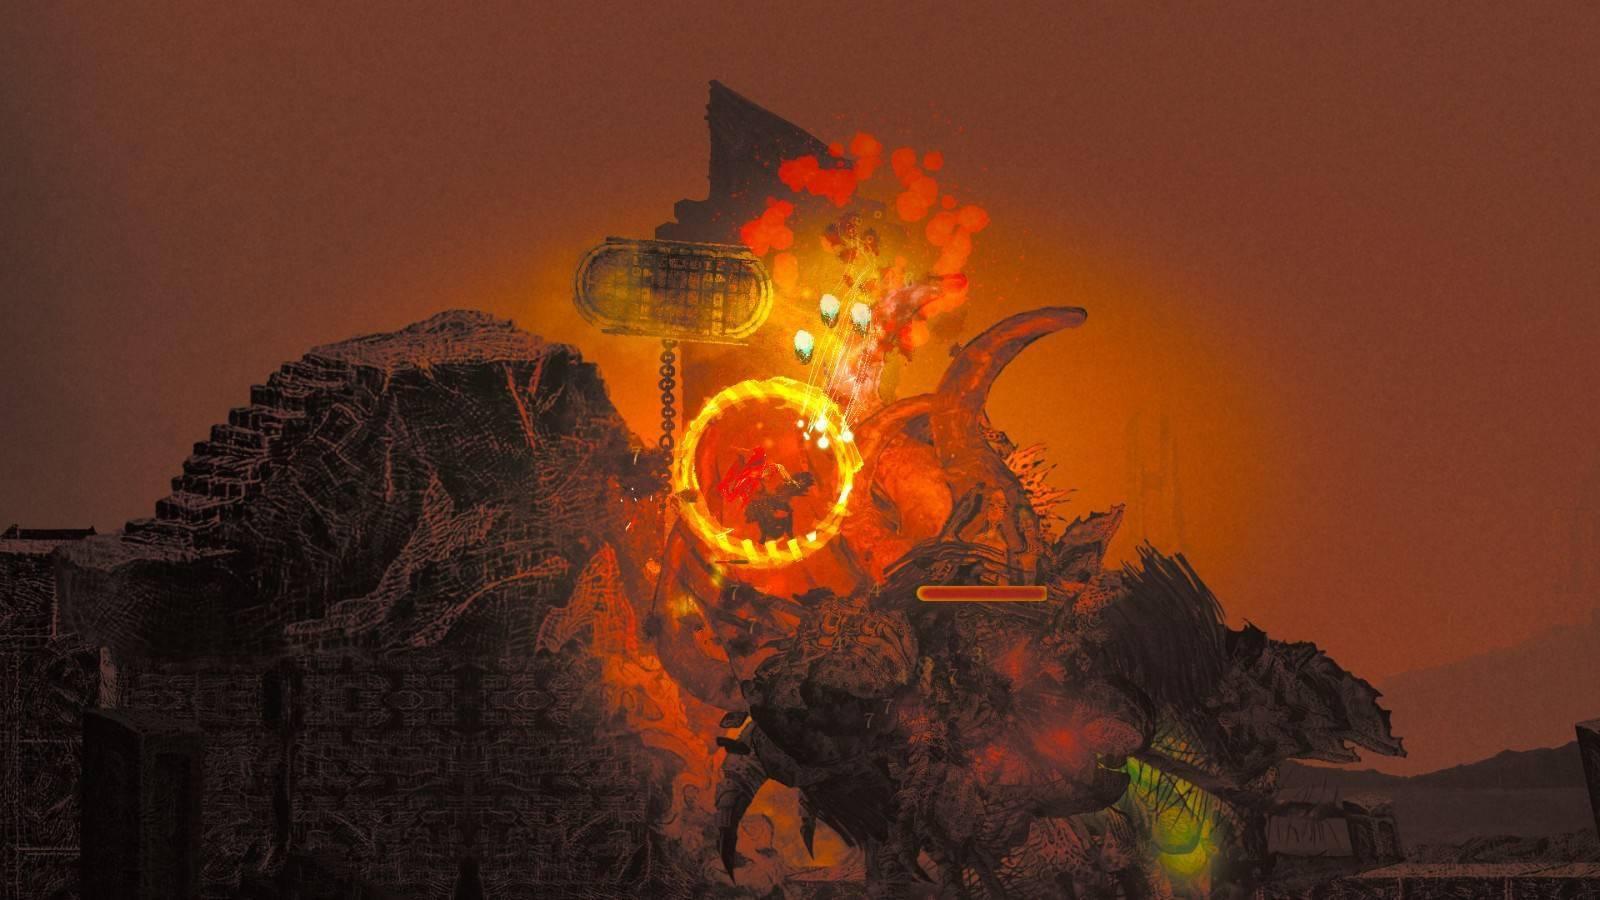 暗黑动作rougelite《Source of Madness》新预告:探索一个独特扭曲的异时空世界